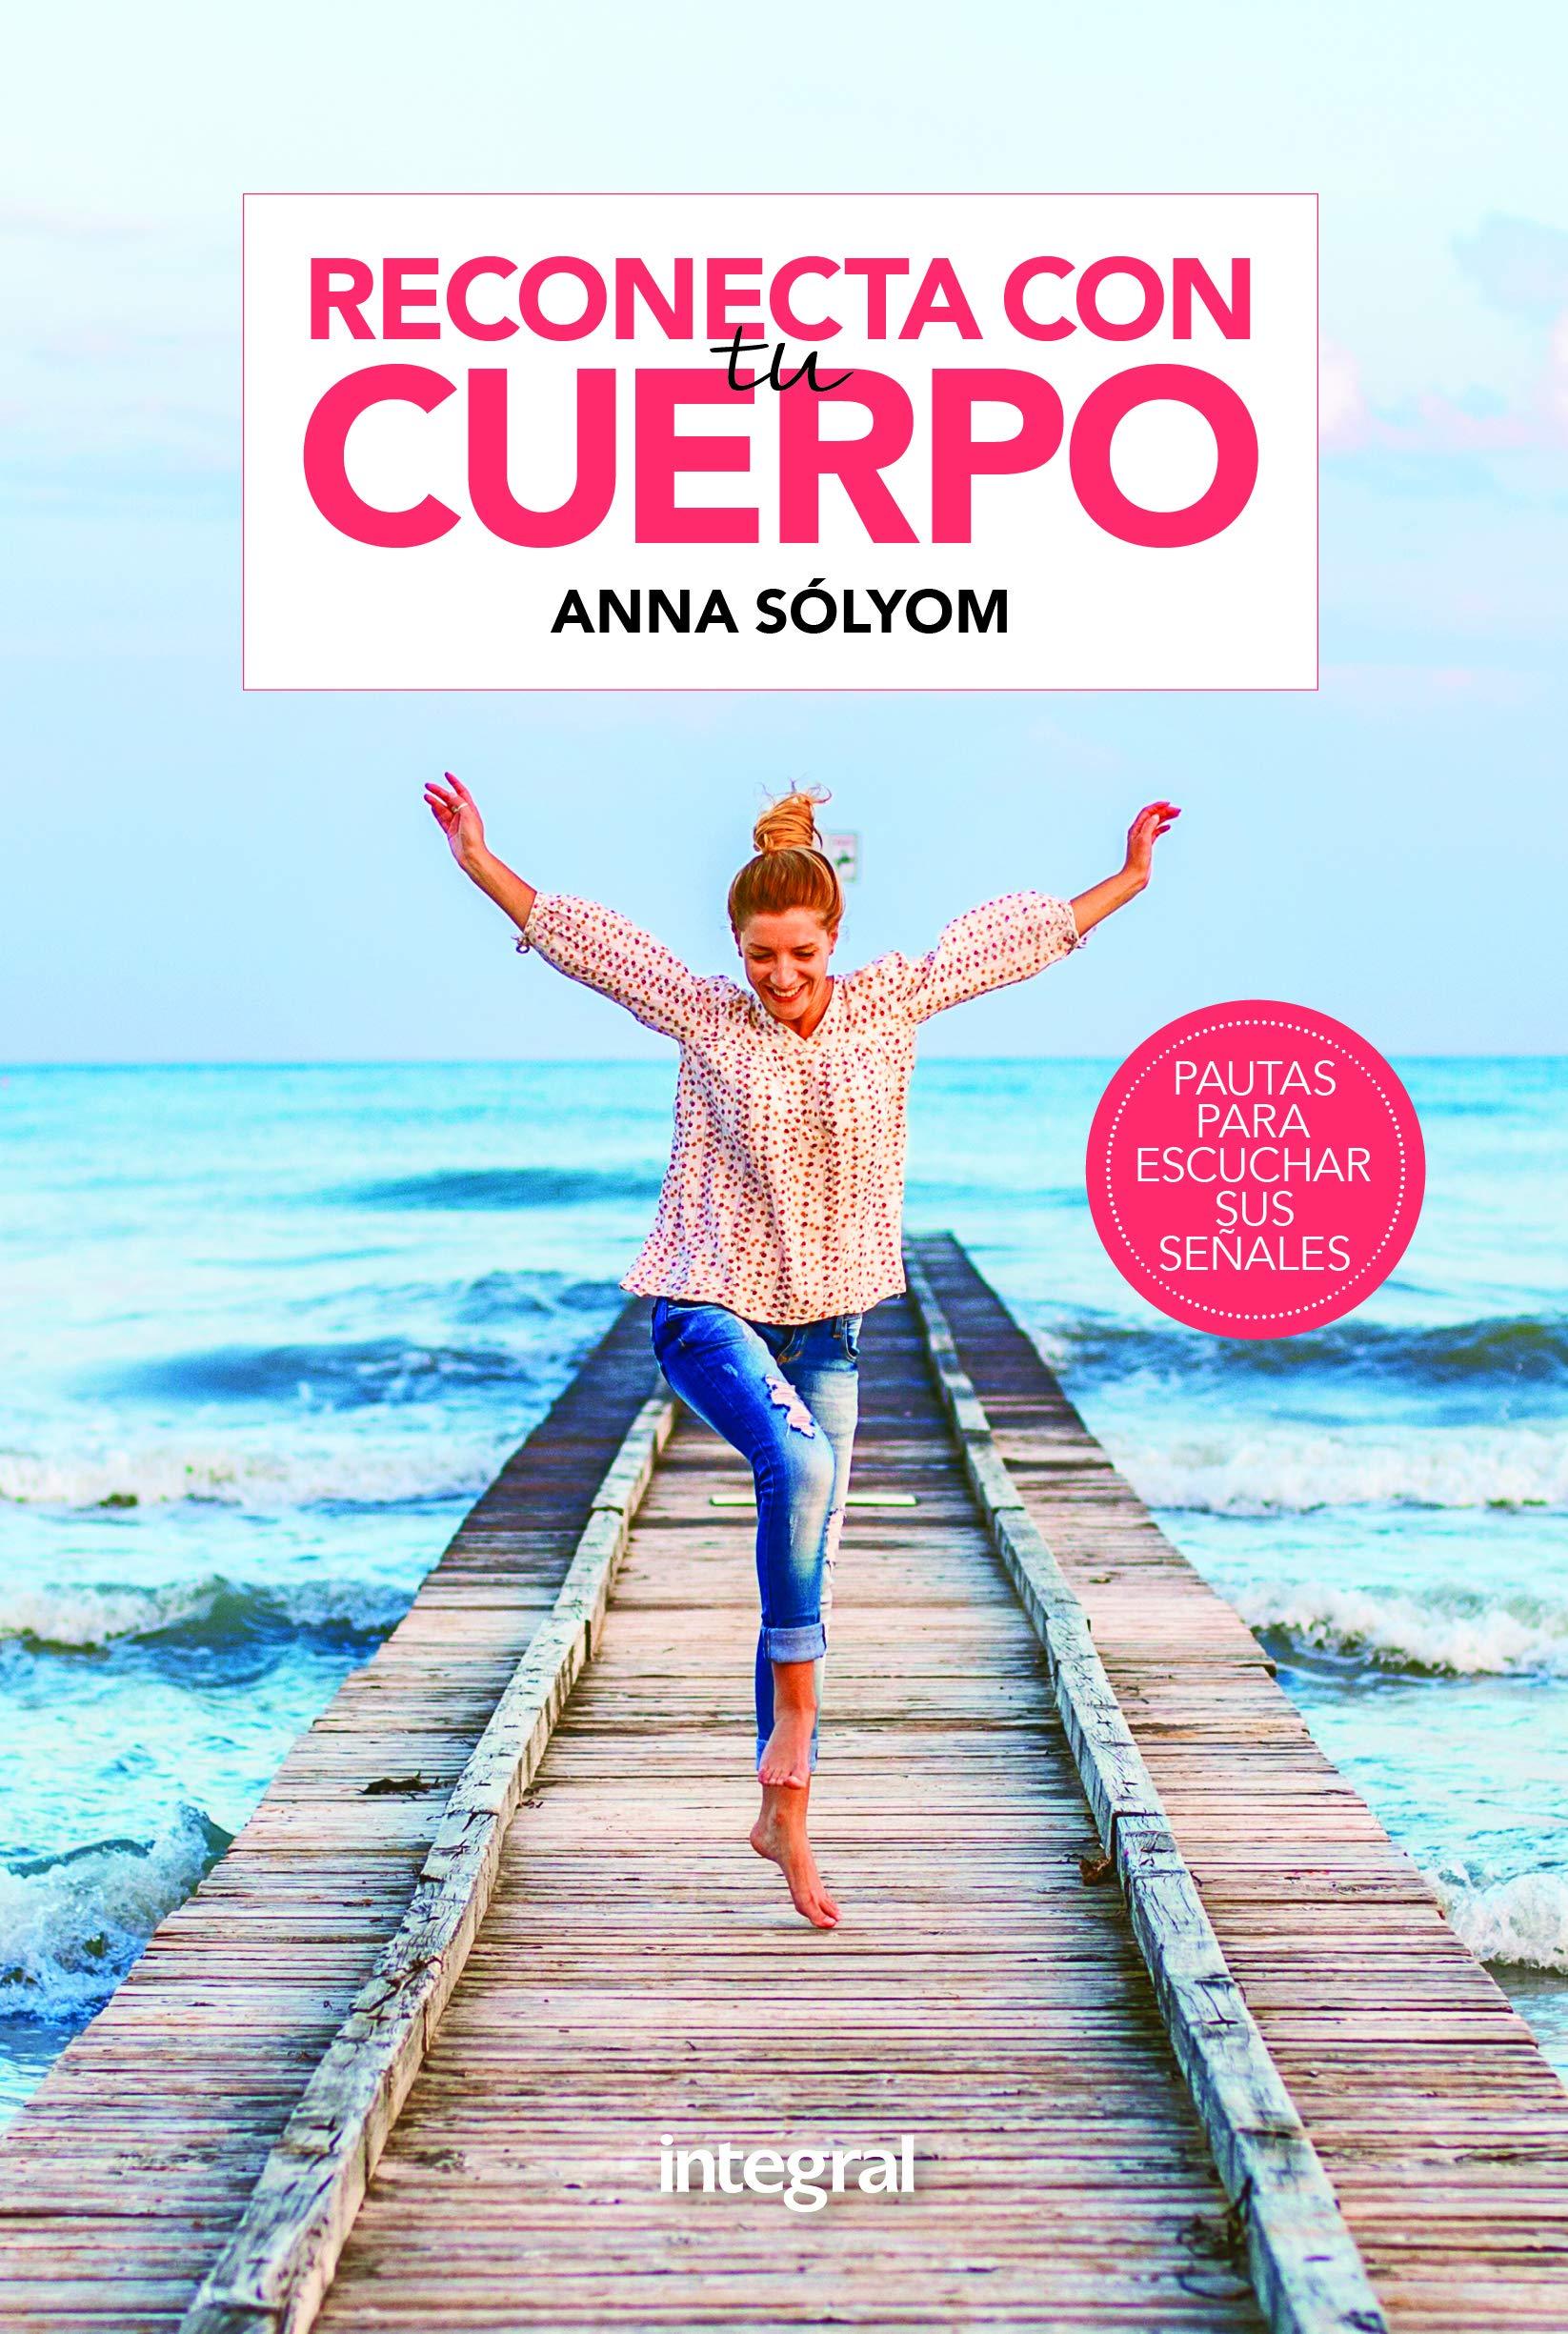 Reconecta con tu cuerpo (OTROS INTEGRAL): Amazon.es: Sólyom, Anna,  Matsuura, Jun, Moix, Jenny: Libros